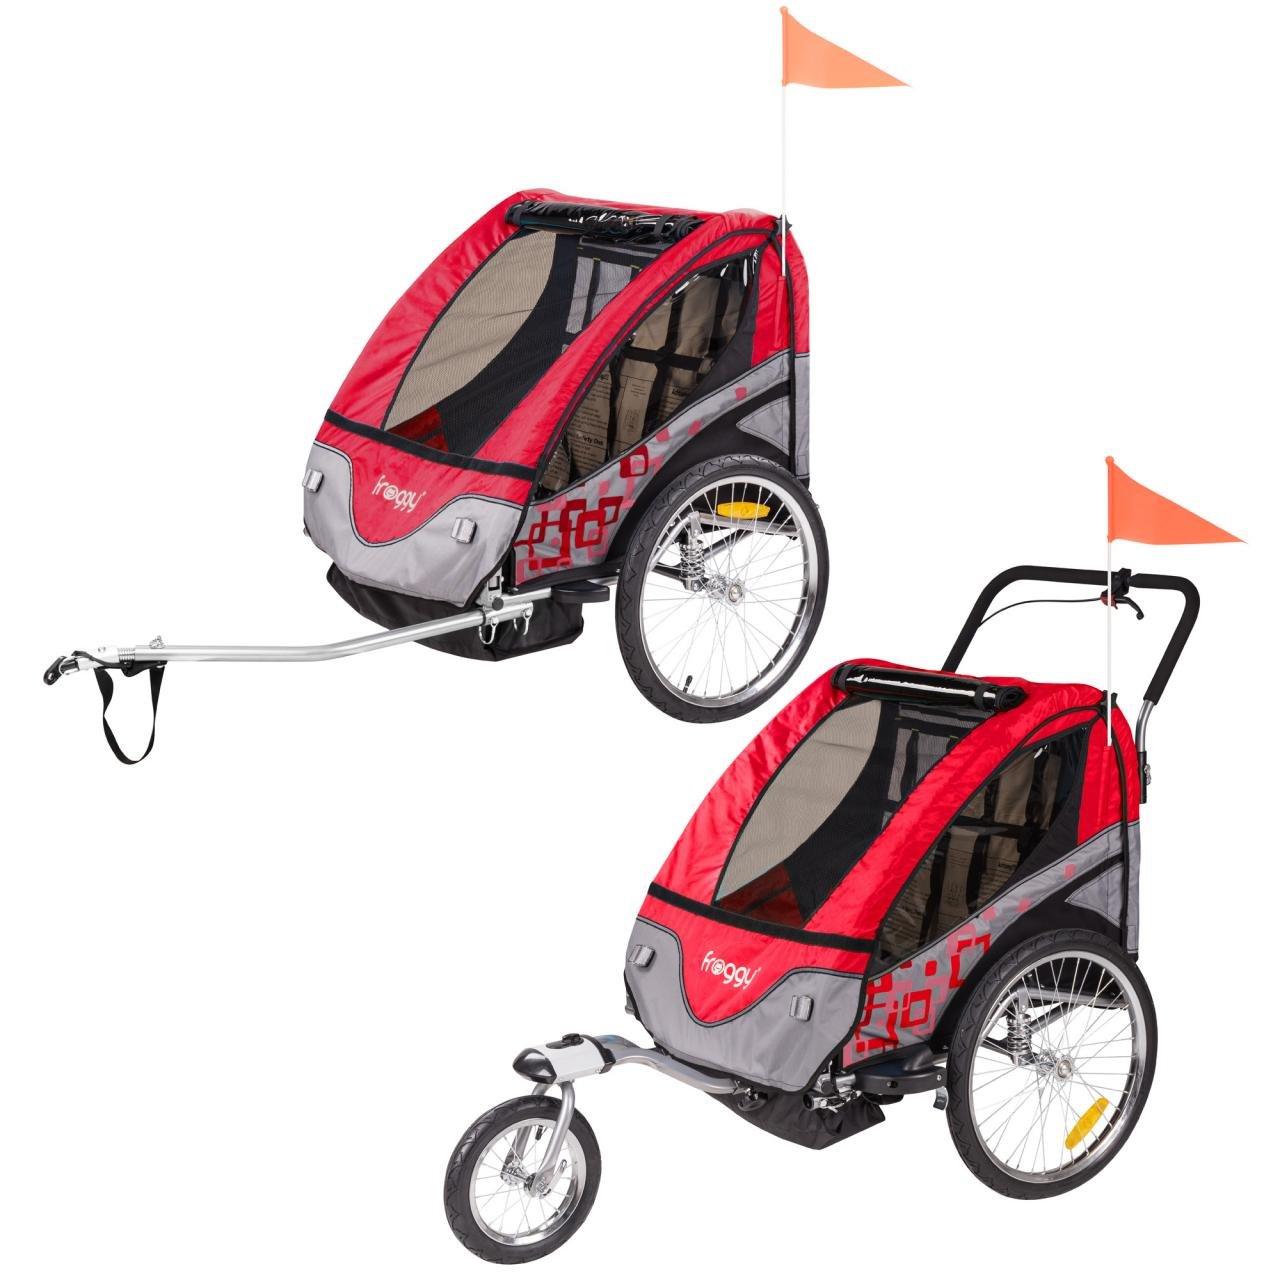 FROGGY Kinder Fahrradanh/änger mit Federung 5-Punkt Sicherheitsgurt Anh/änger f/ür 1 bis 2 Kinder Design Apple